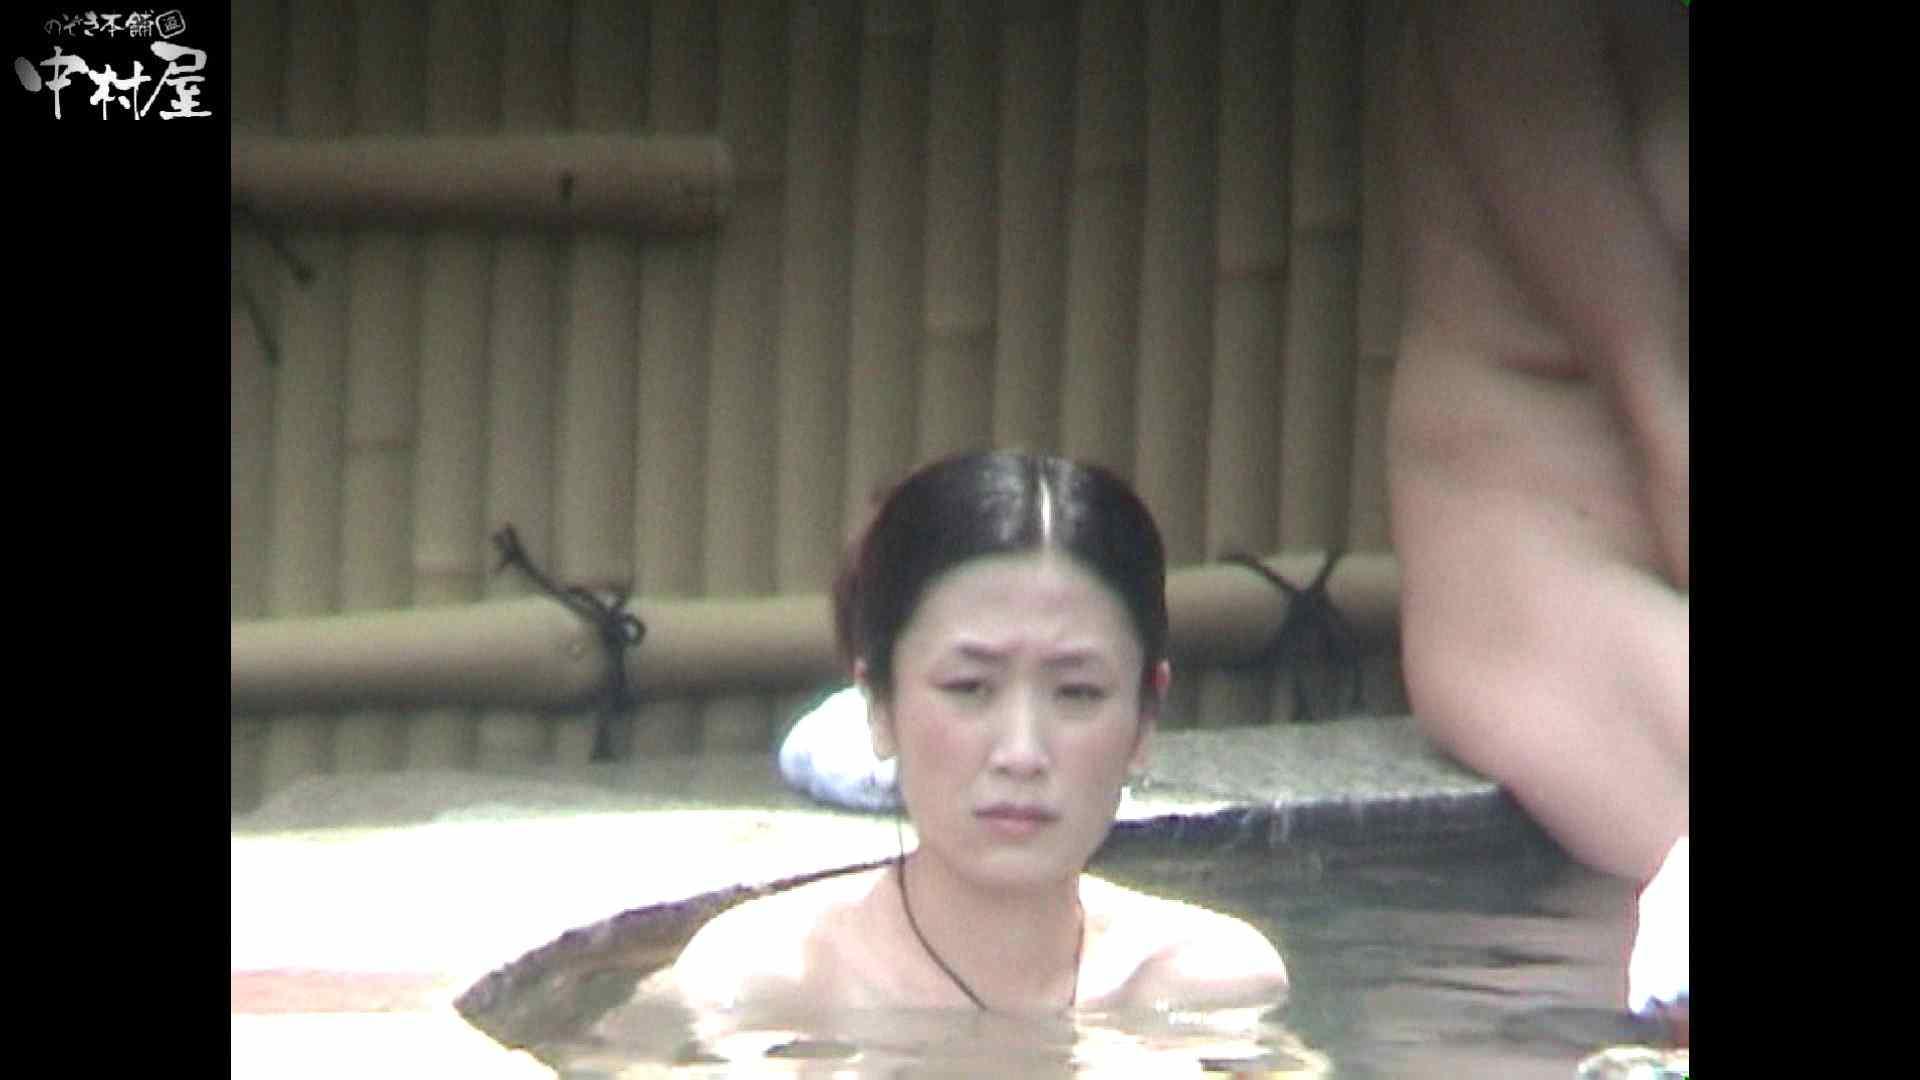 Aquaな露天風呂Vol.934 露天 | 盗撮  79枚 40